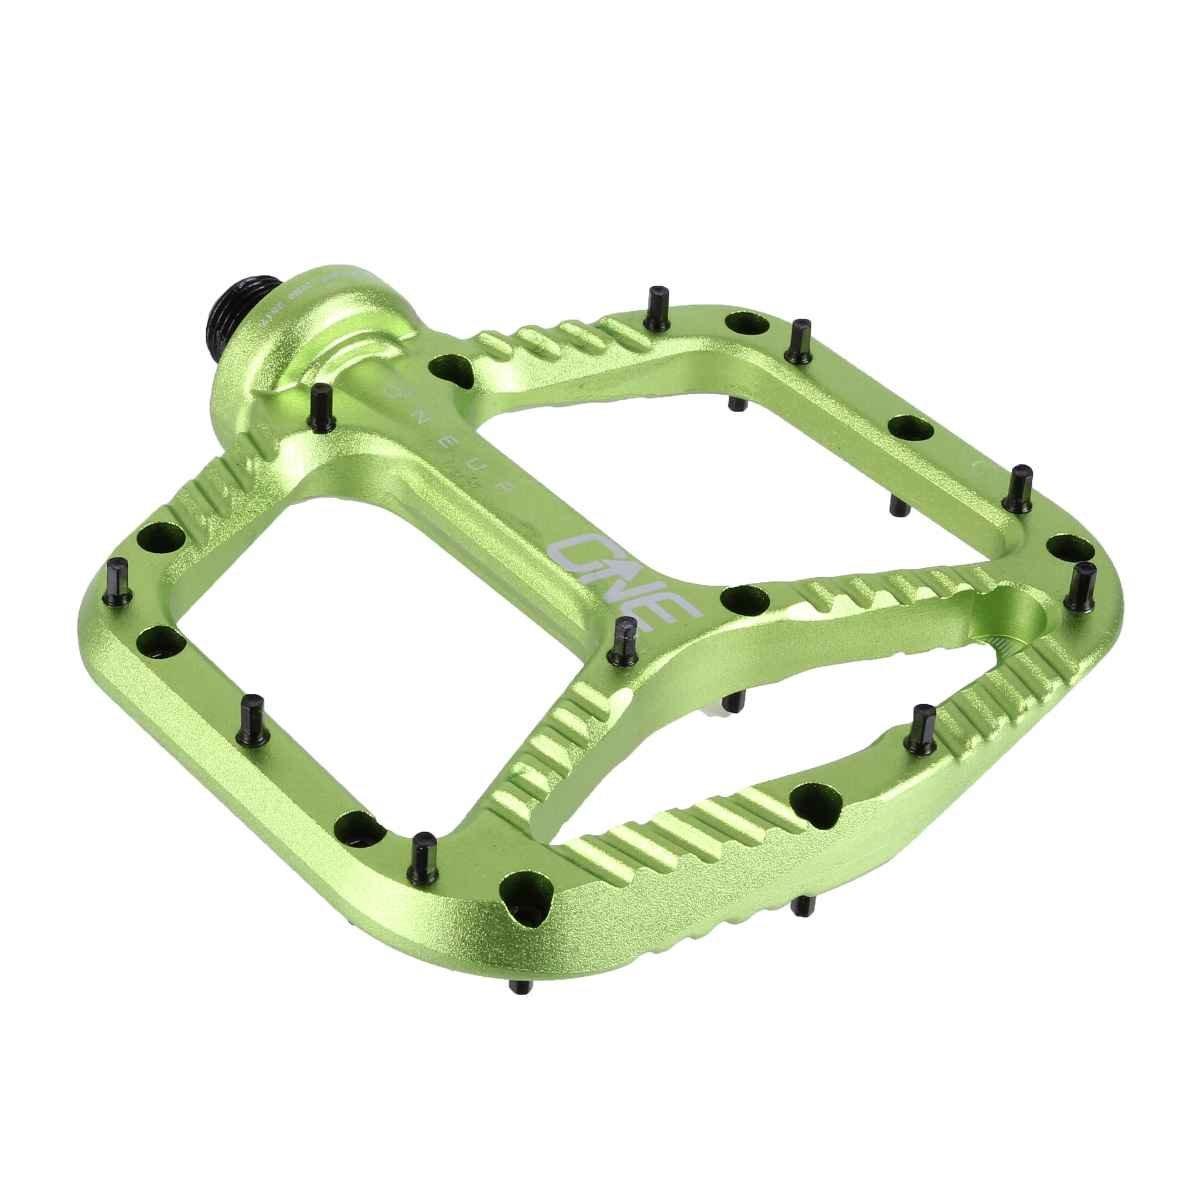 OneUpコンポーネントアルミニウムペダル B073ZLM8K7 One Size|グリーン グリーン One Size